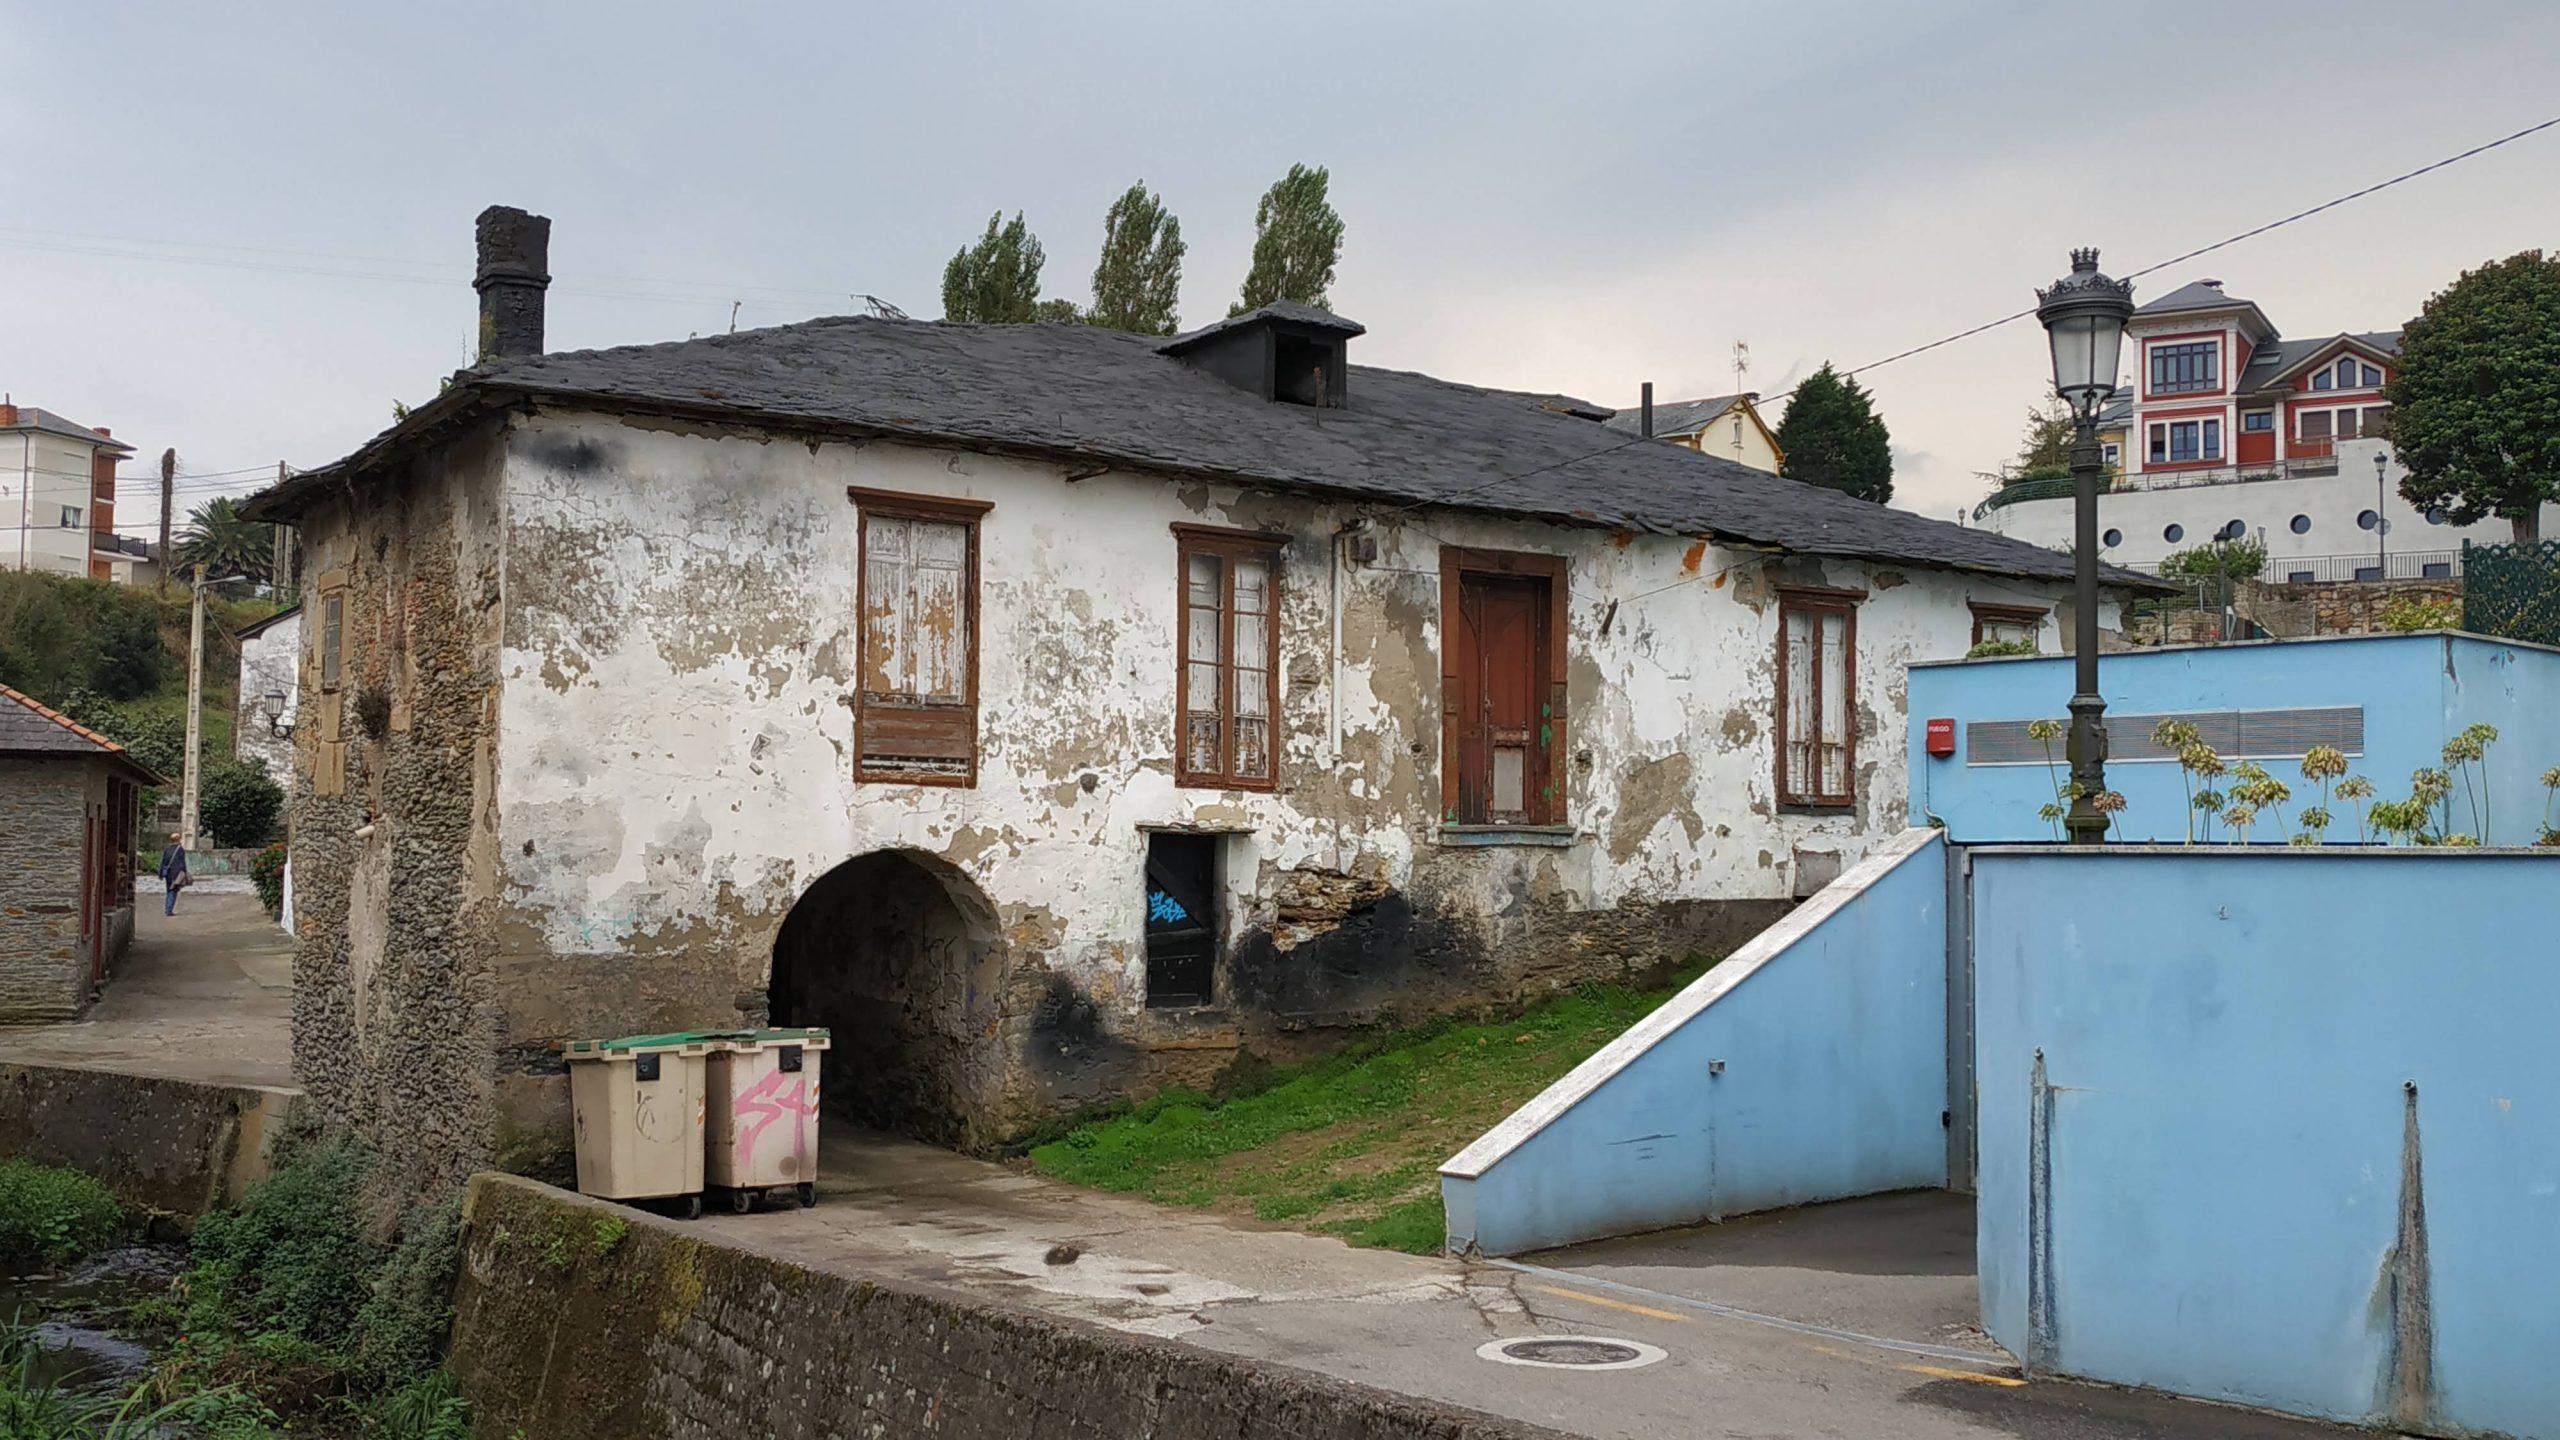 Siguen adelante los trámites para adecuar la antigua Aduana de Puerto de Vega (Navia) como Casa de la Juventud